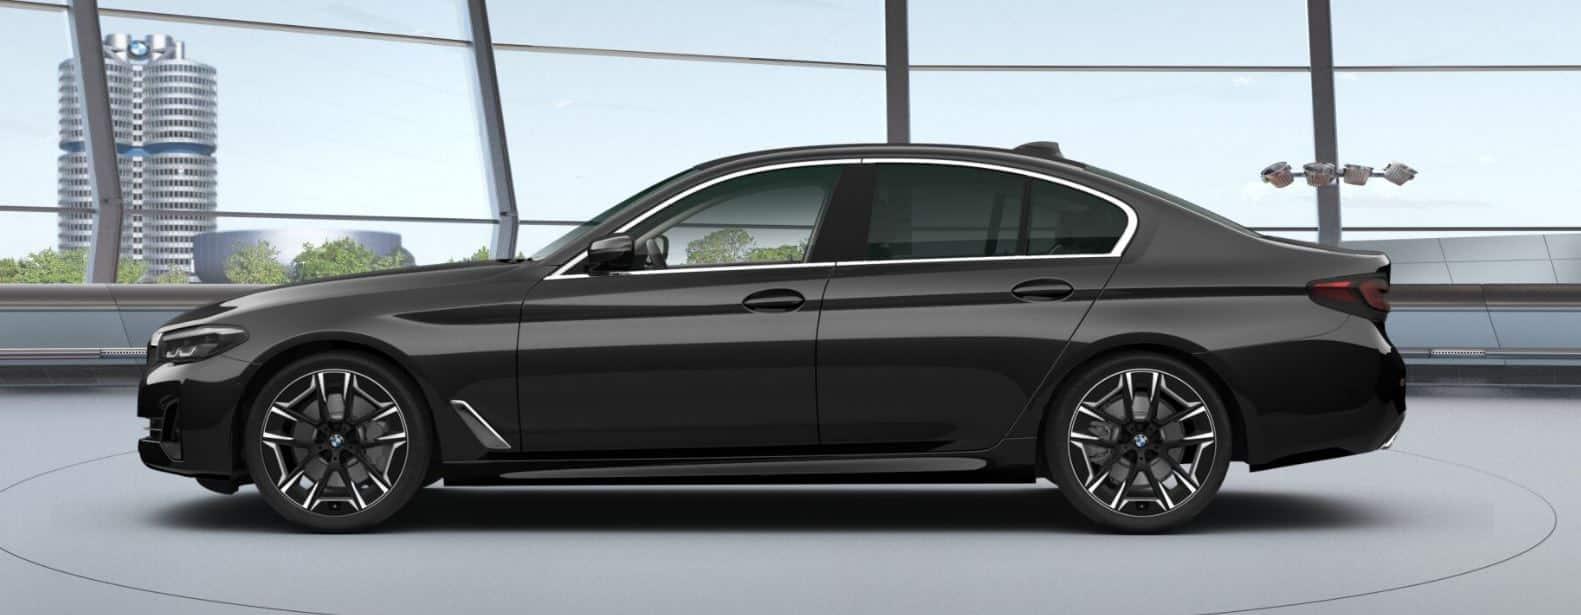 BMW 520d - seite